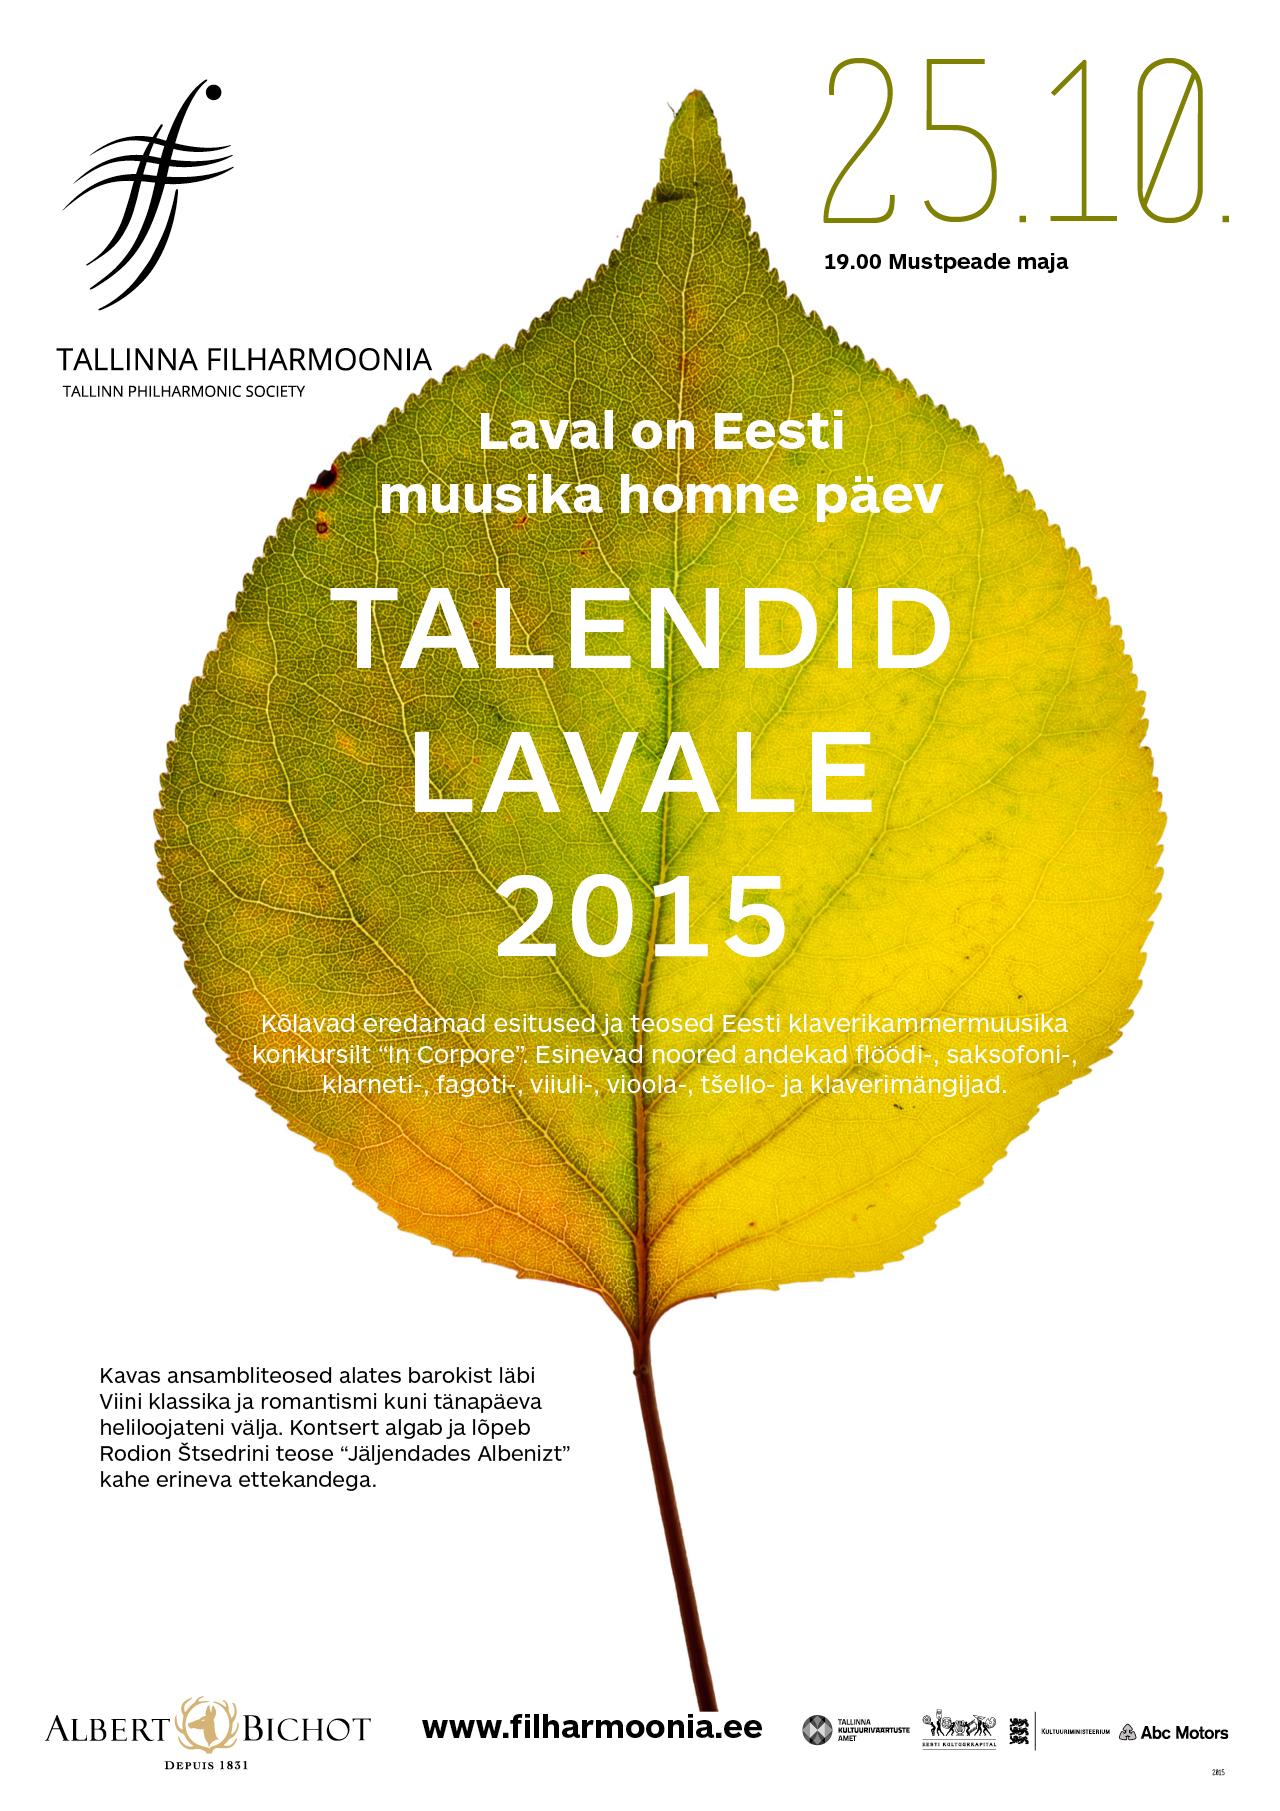 TALENDID LAVALE 2015